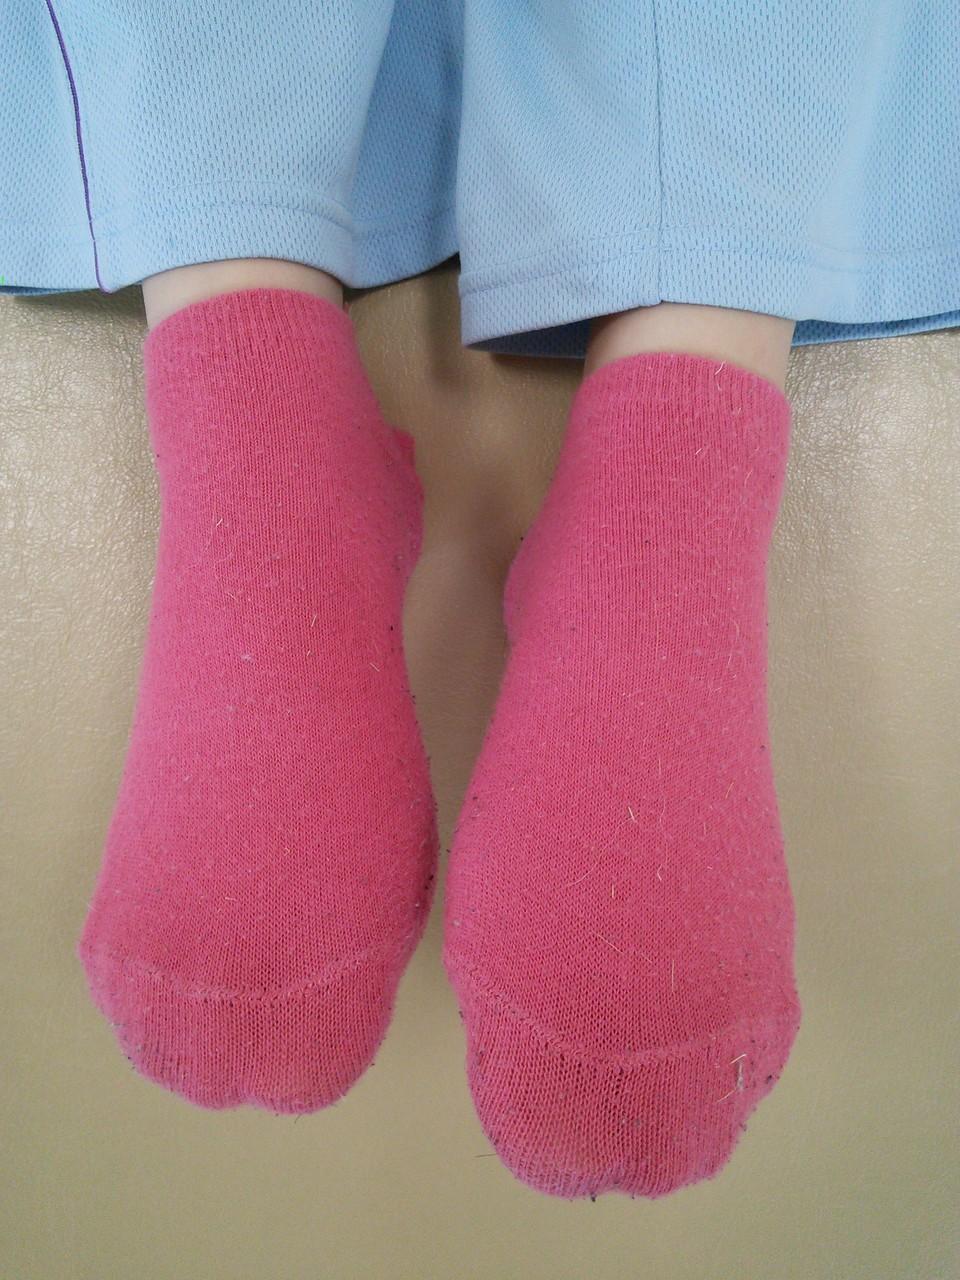 足の位置で骨盤の傾き確認